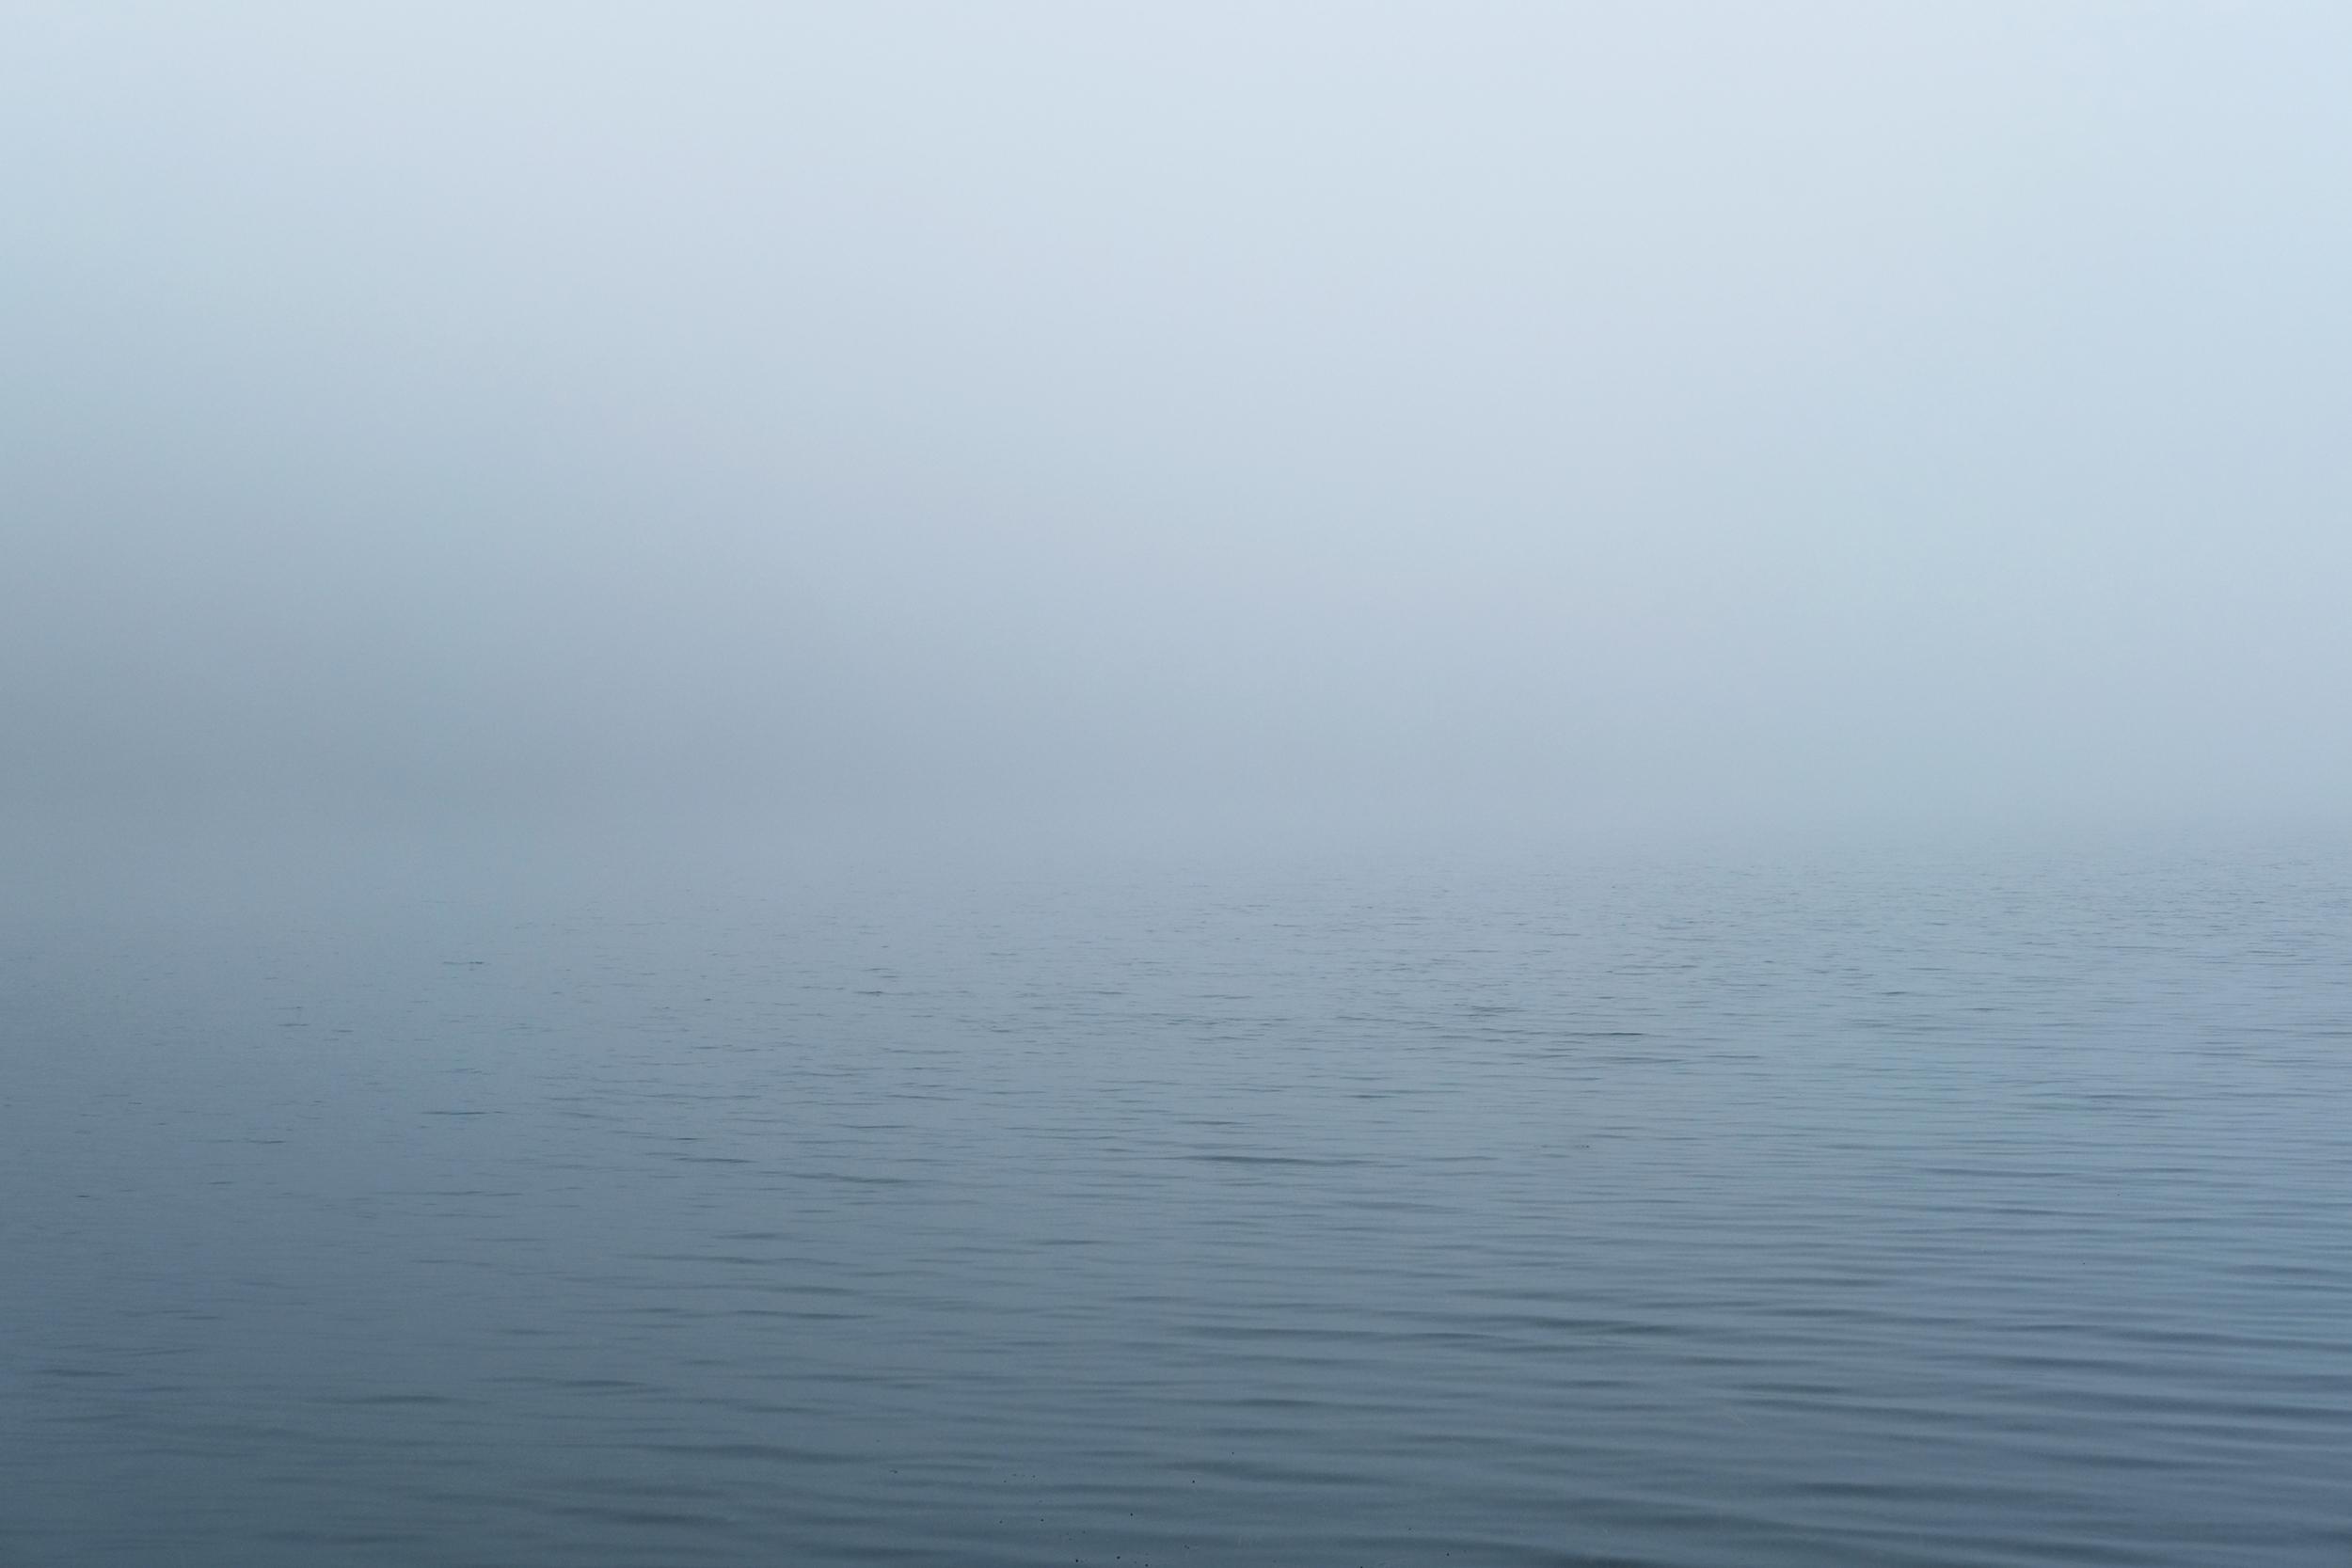 Mist on the water, Loch Linne Mhuirich, Tayvallich, West Scotland.